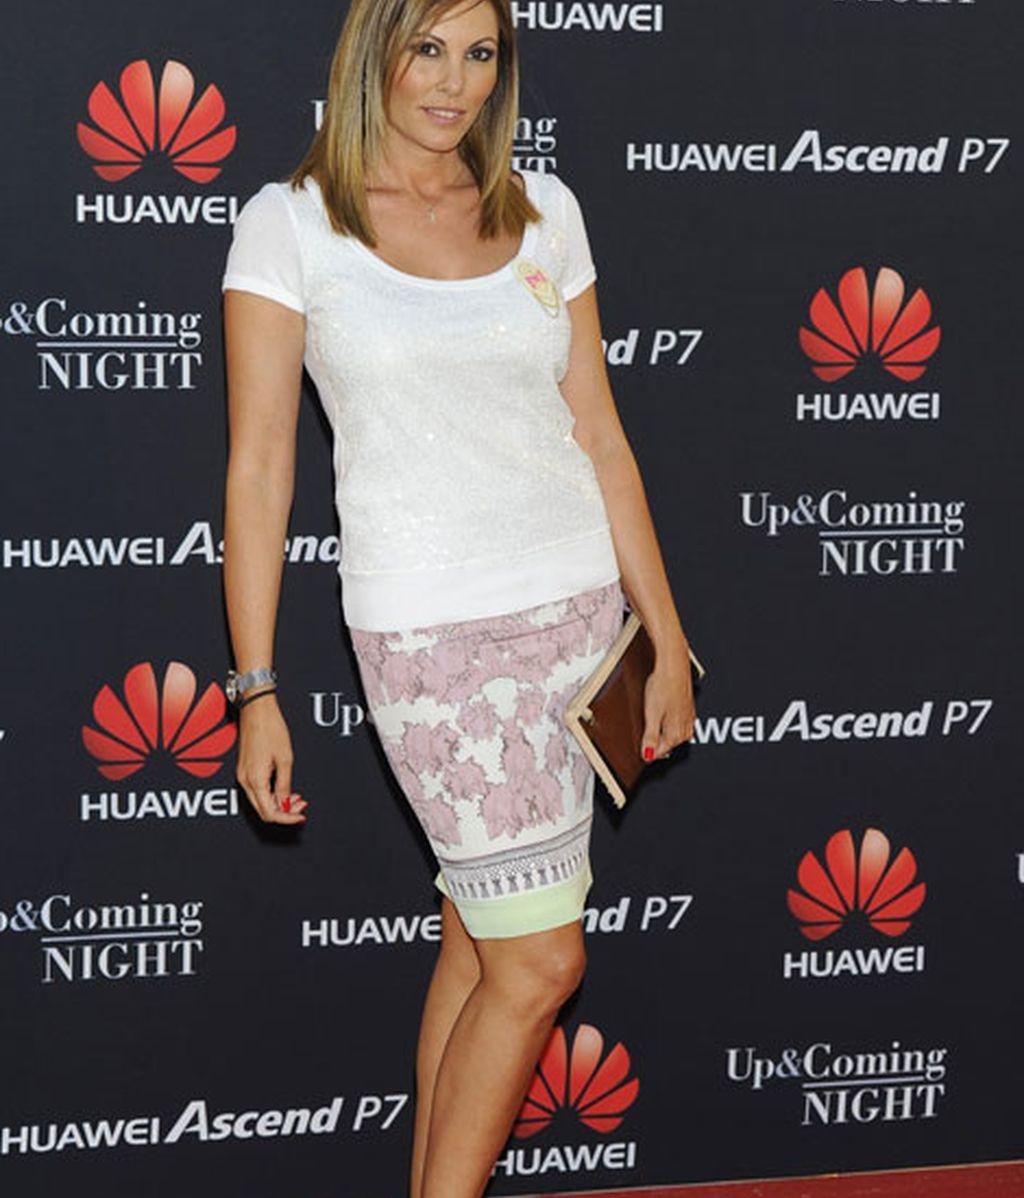 La ex miss España Raquel Rodríguez fue otra de las asistentes